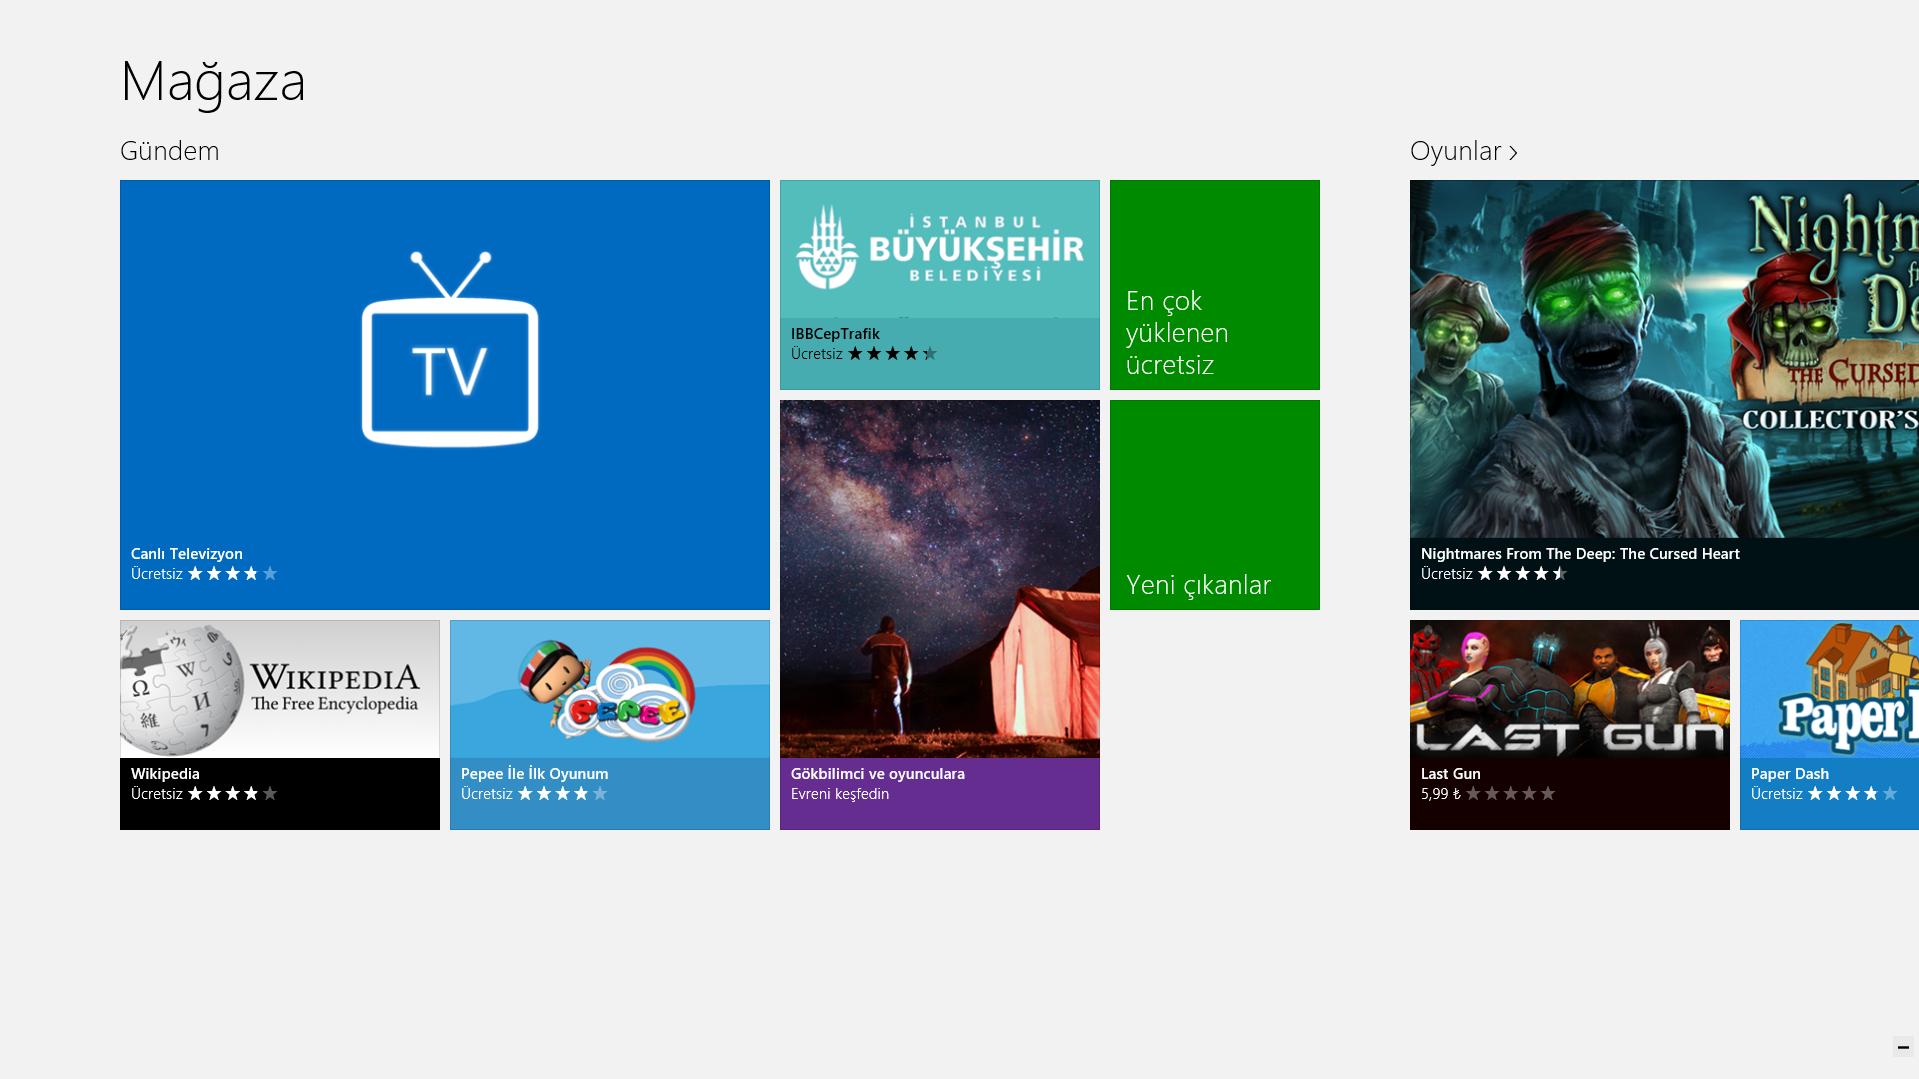 Canlı Televizyon, Windows 8 Türkiye Mağazası Gündeminde!